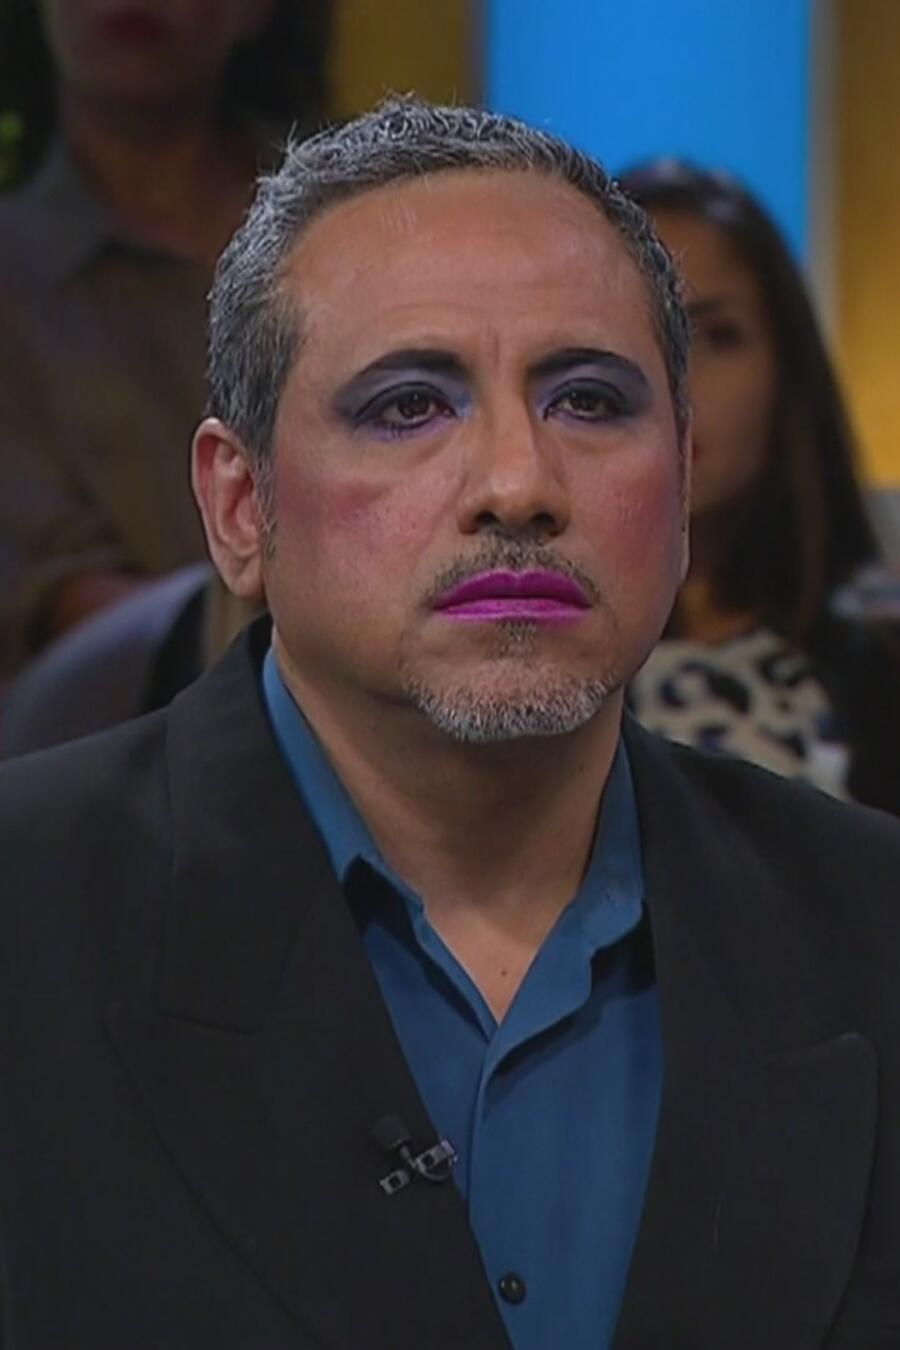 Exijo el divorcio porque mi esposo se viste de mujer